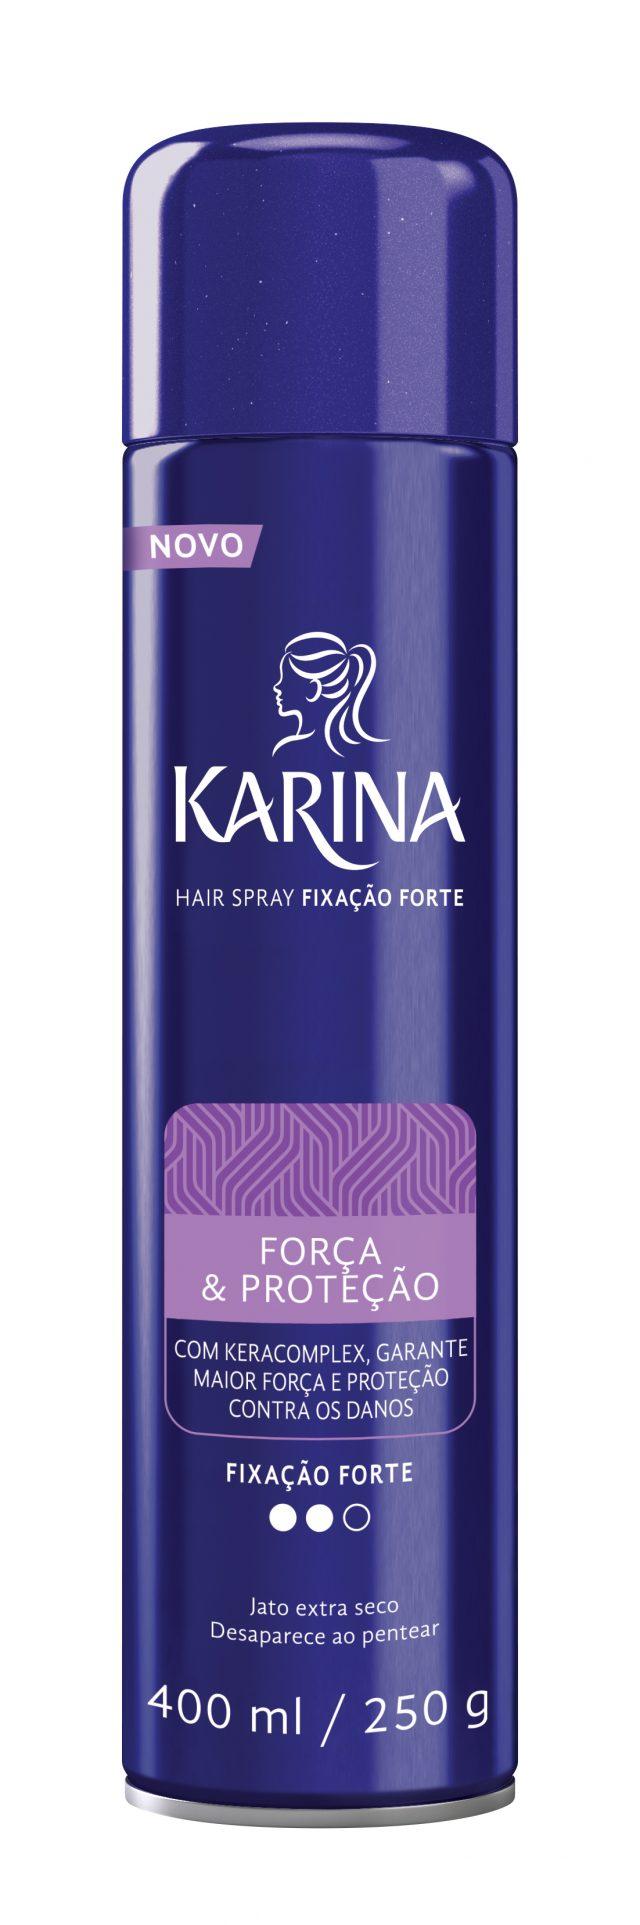 Hair Spray Karina Força & Proteção